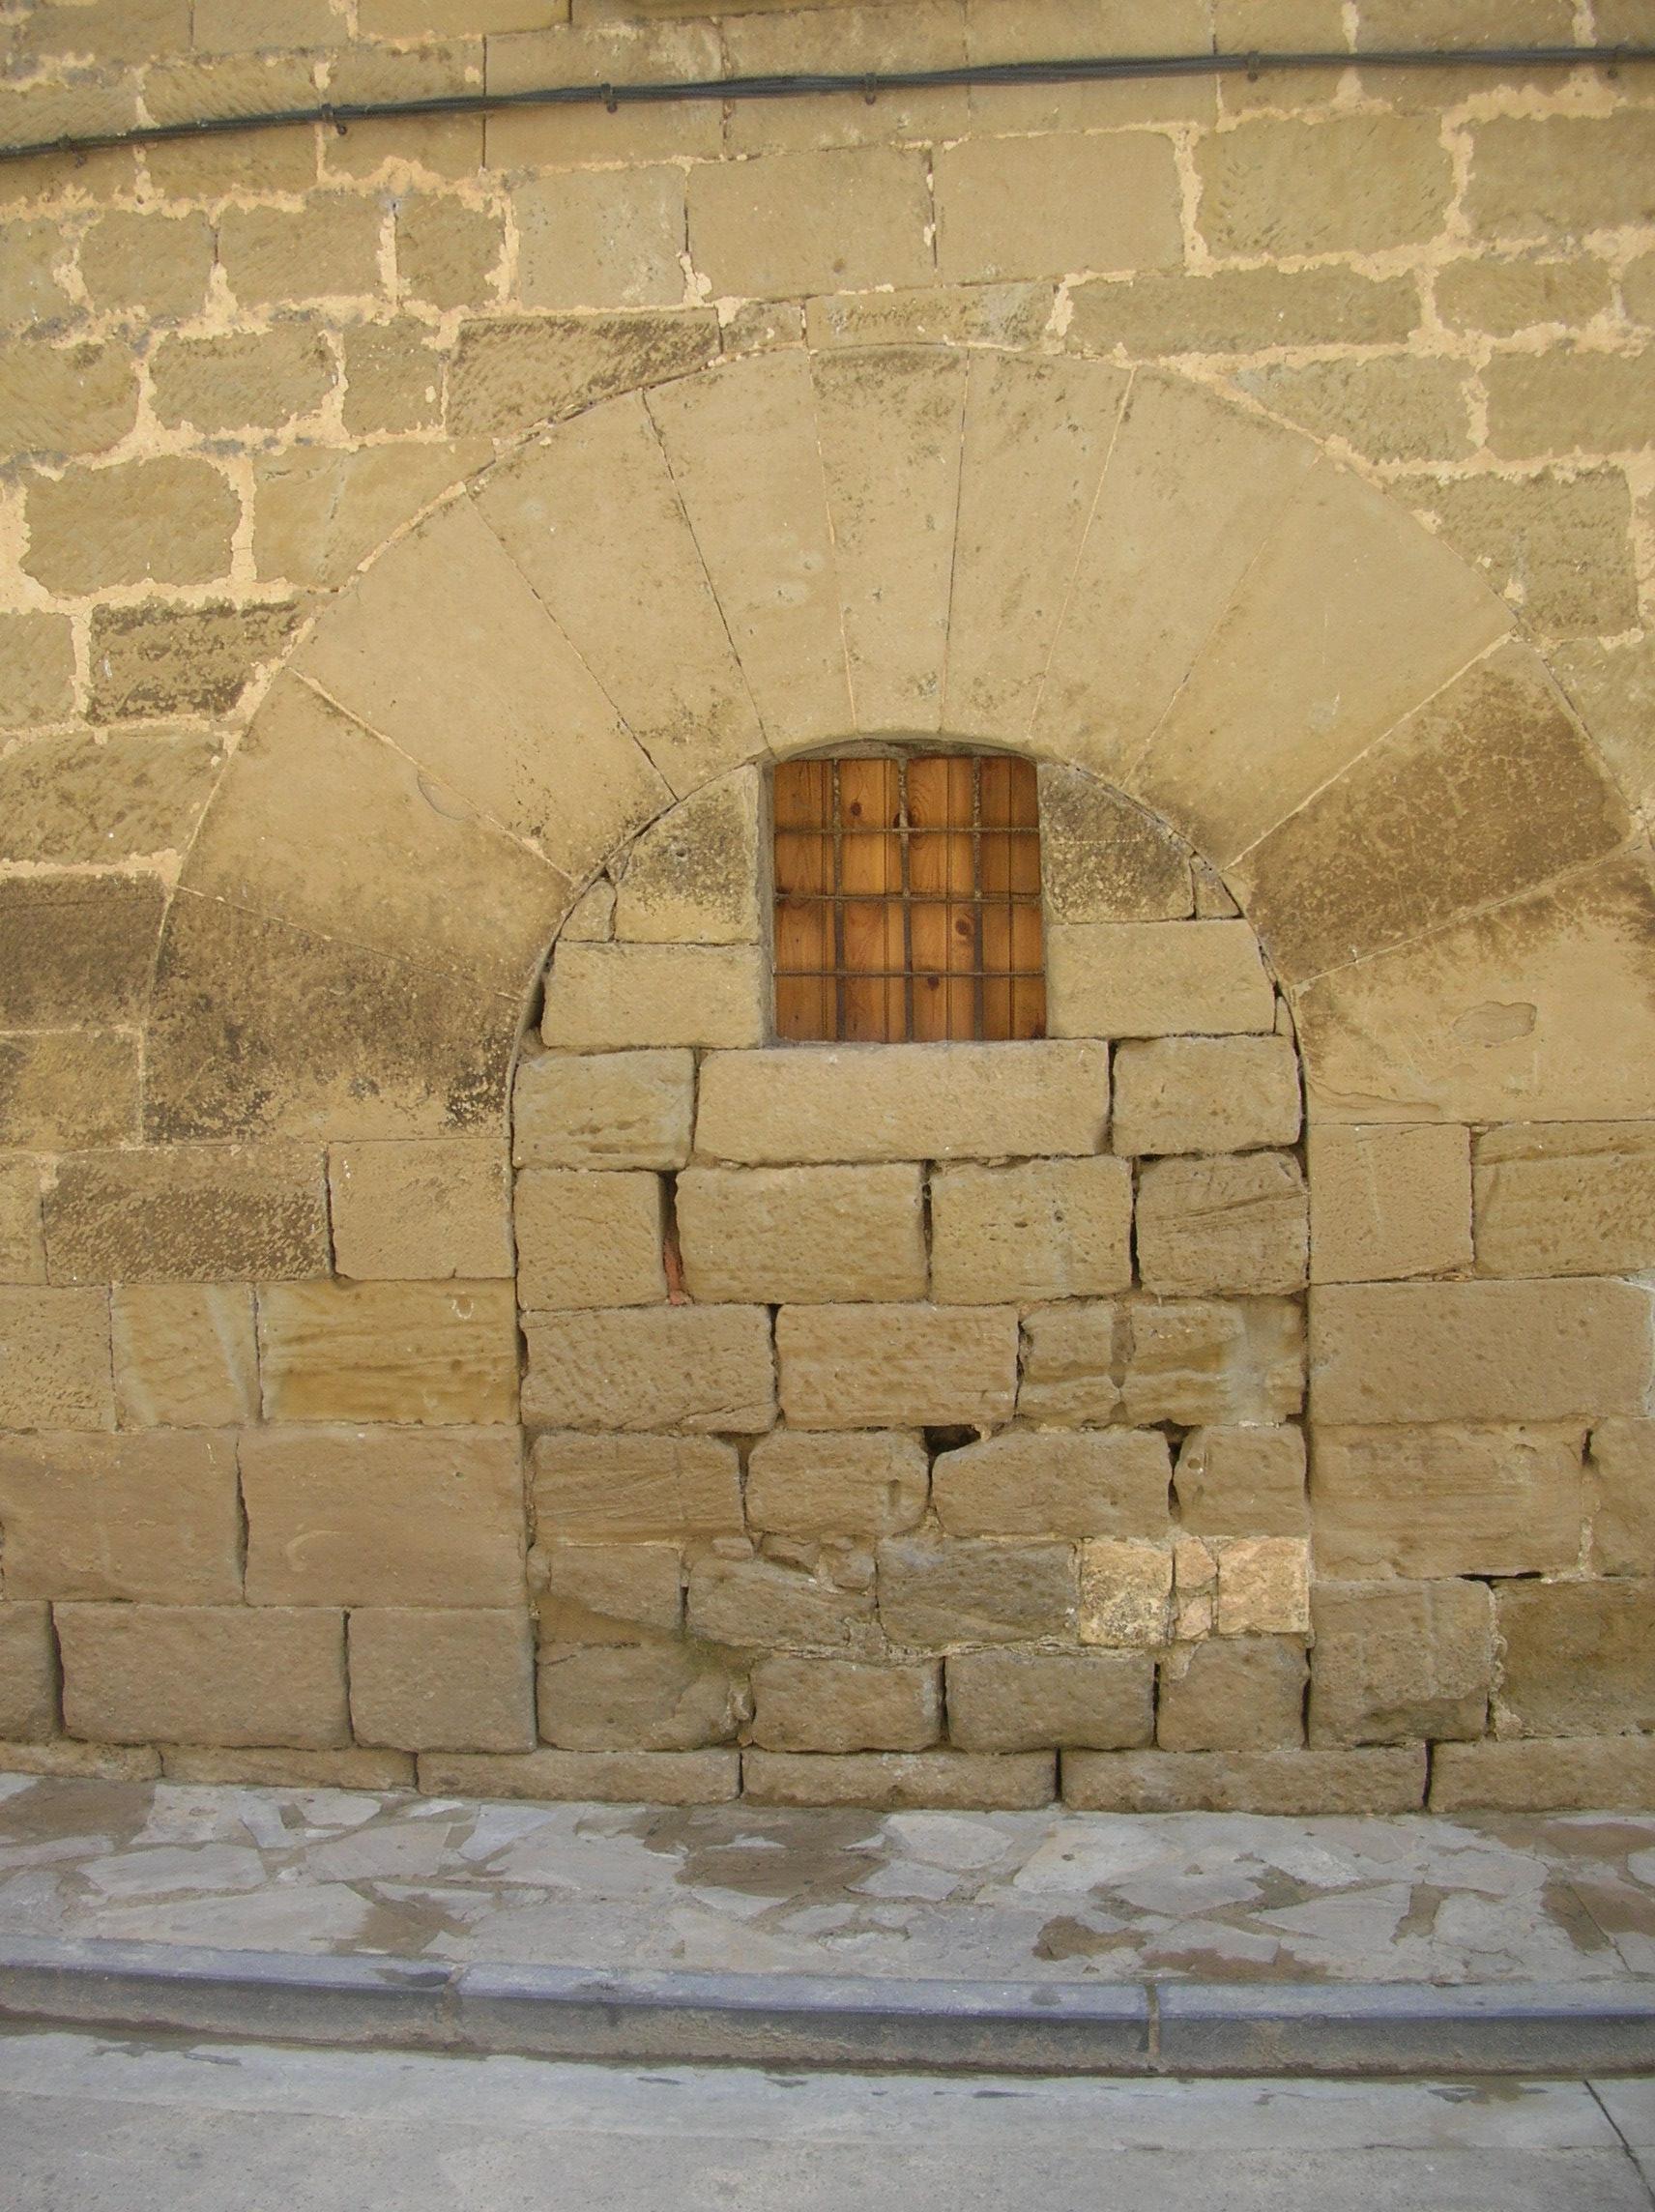 puerta tapiada , creada por JOSE PABLO DELGADO CERVERO el 02/02/2011